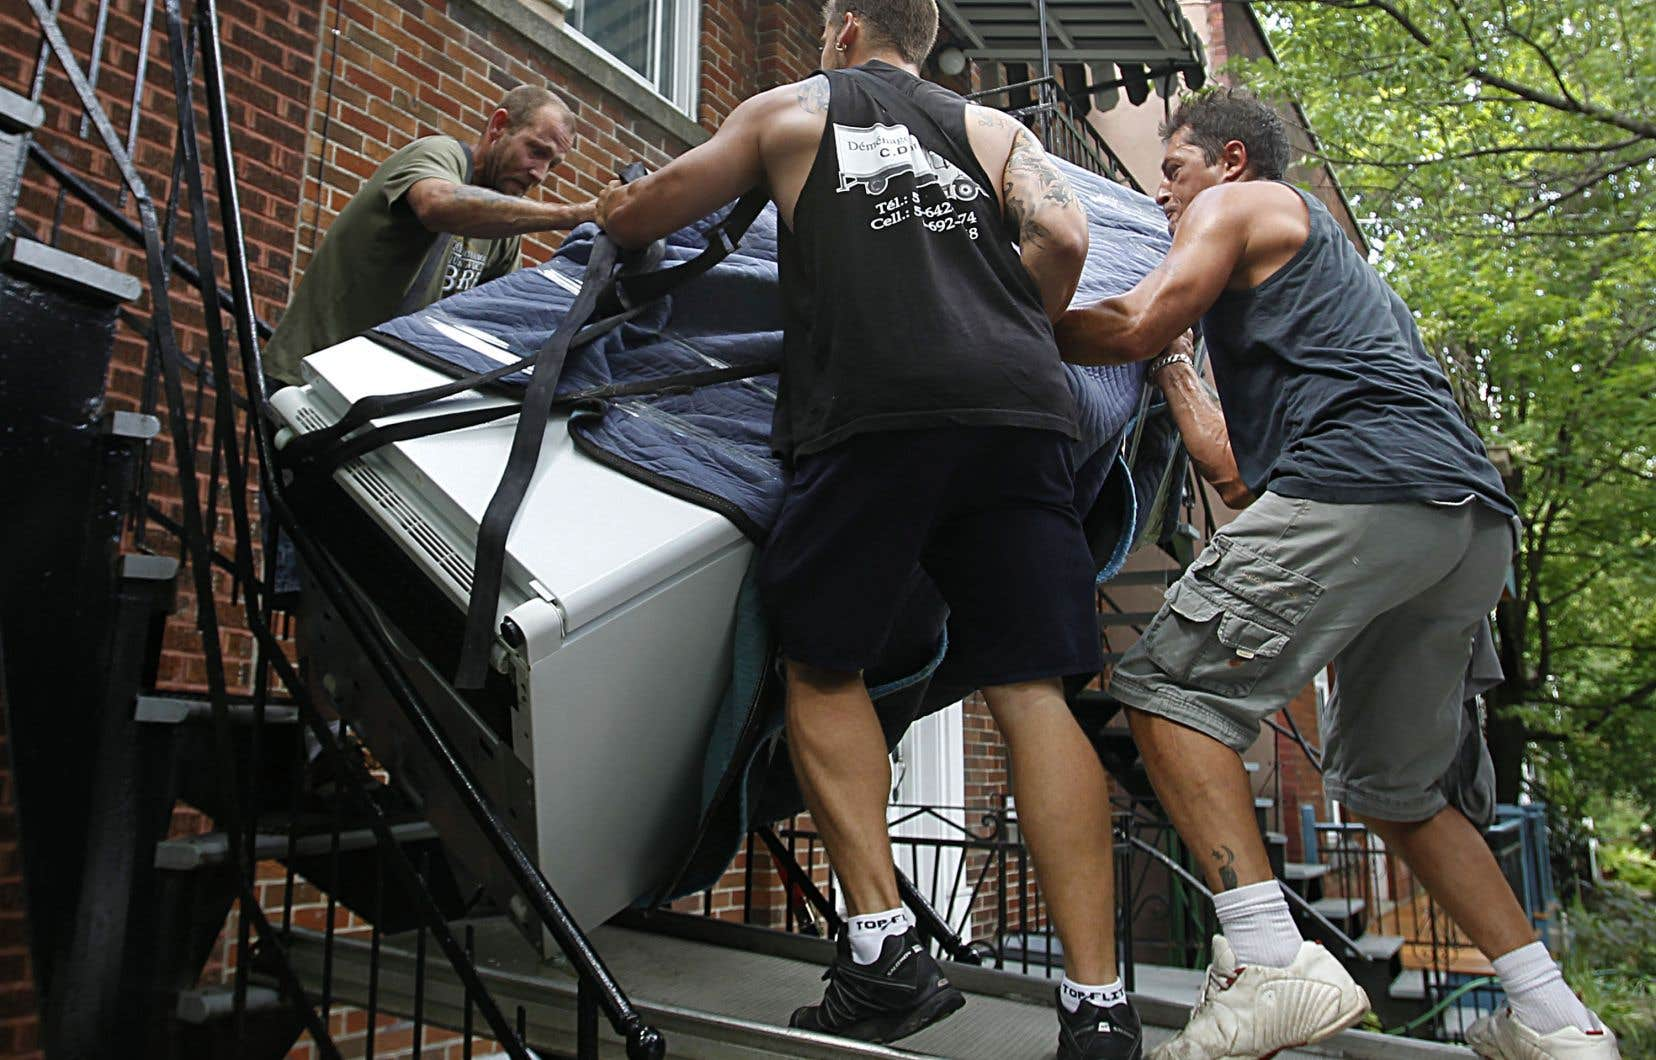 La prochaine période de déménagement pourrait être éprouvante pour des familles montréalaises.